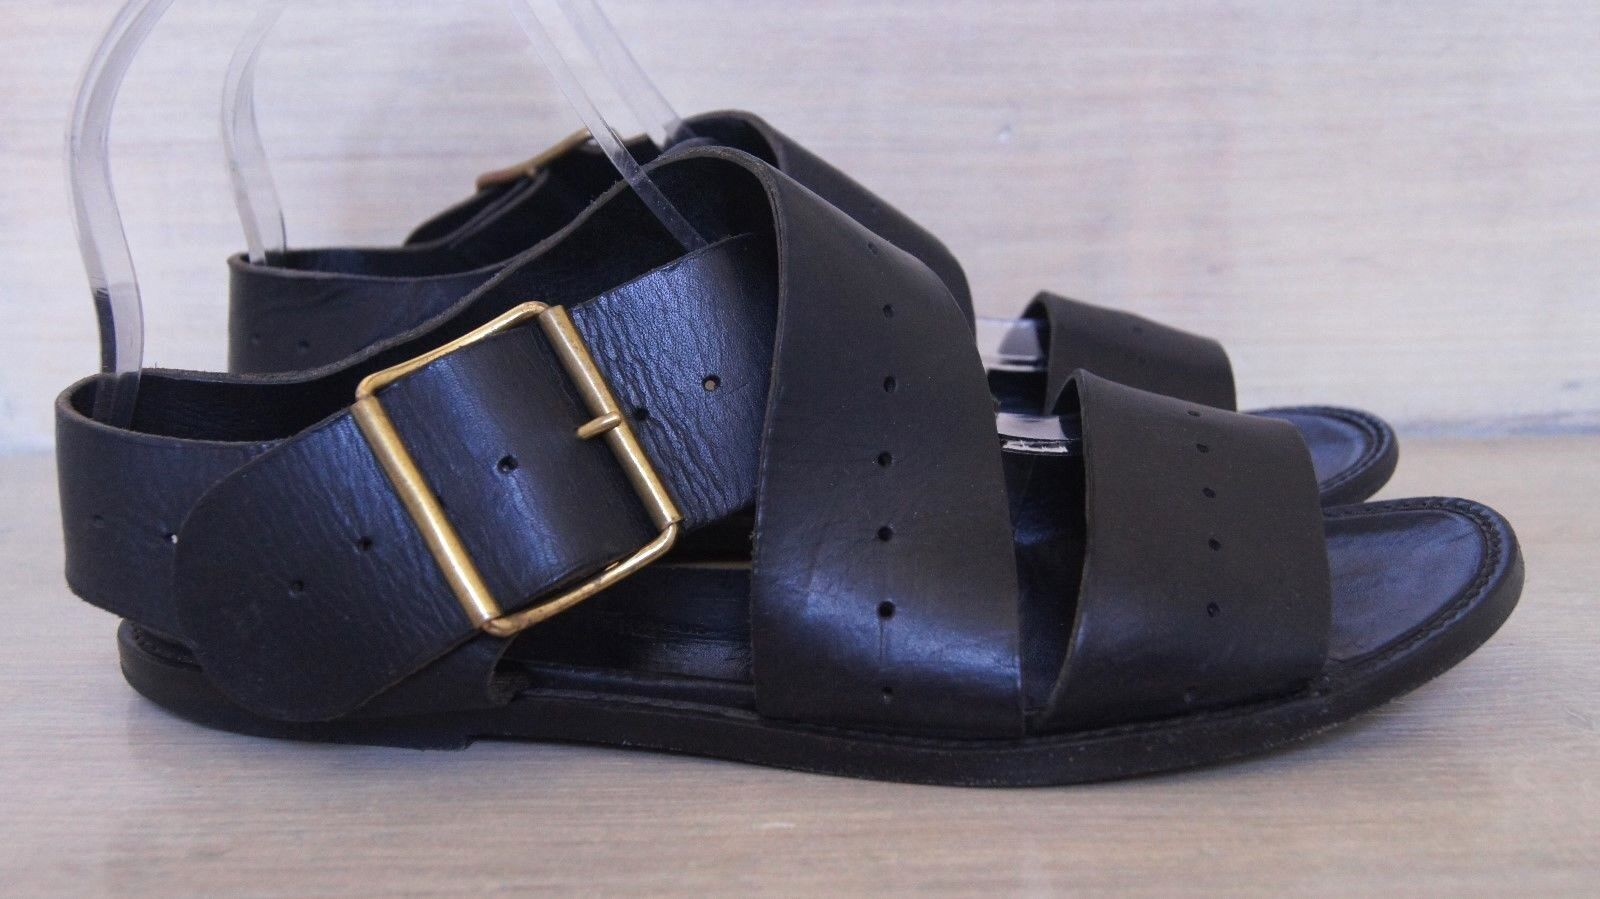 Sandales, nu-pieds, spartiates MICHEL VIVIEN, pointure 36